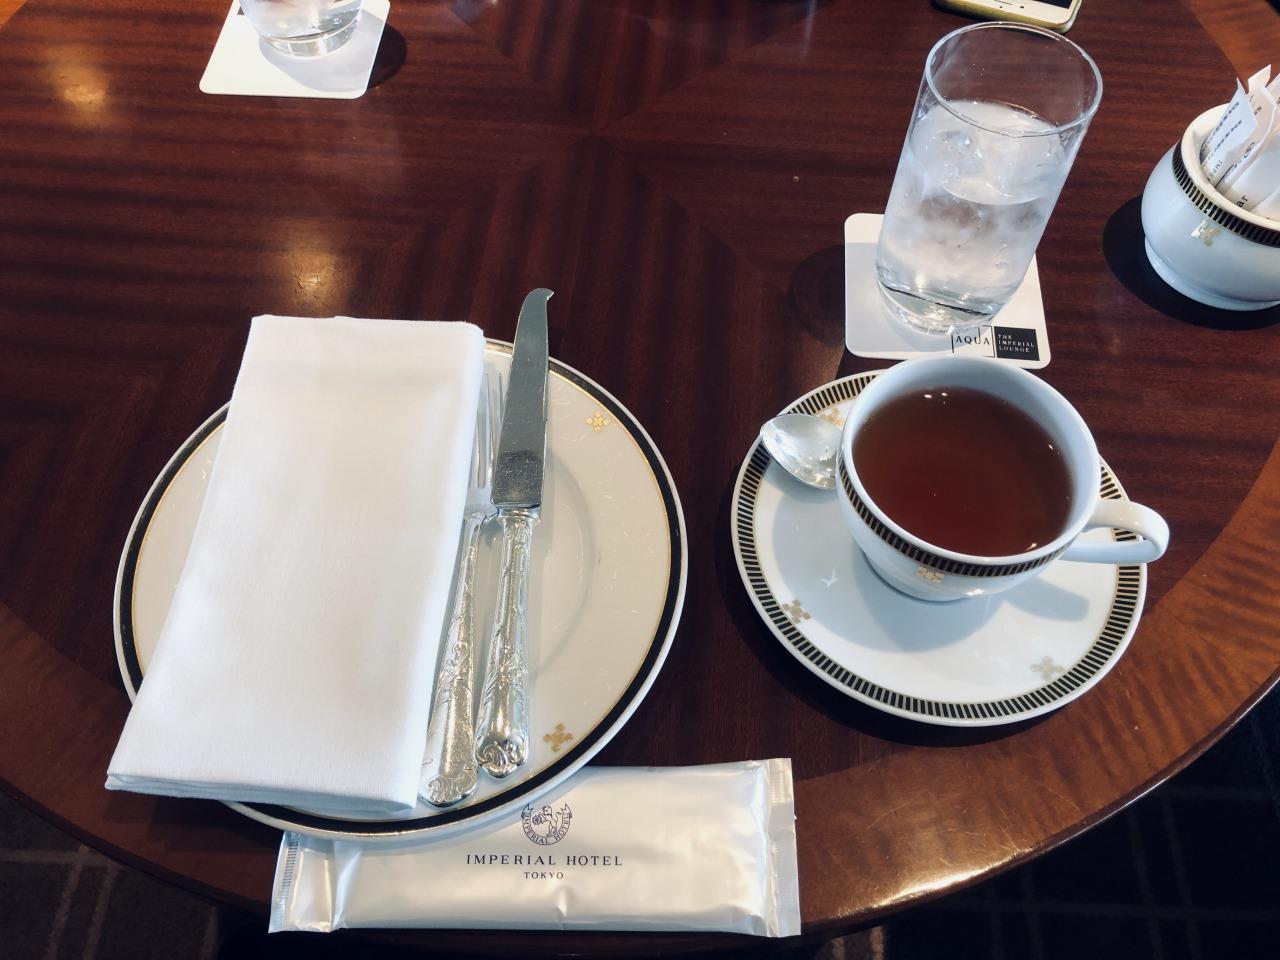 ホテル&ブライダル研究会第15回「帝国ホテルアフタヌーンティ体験会」に参加!